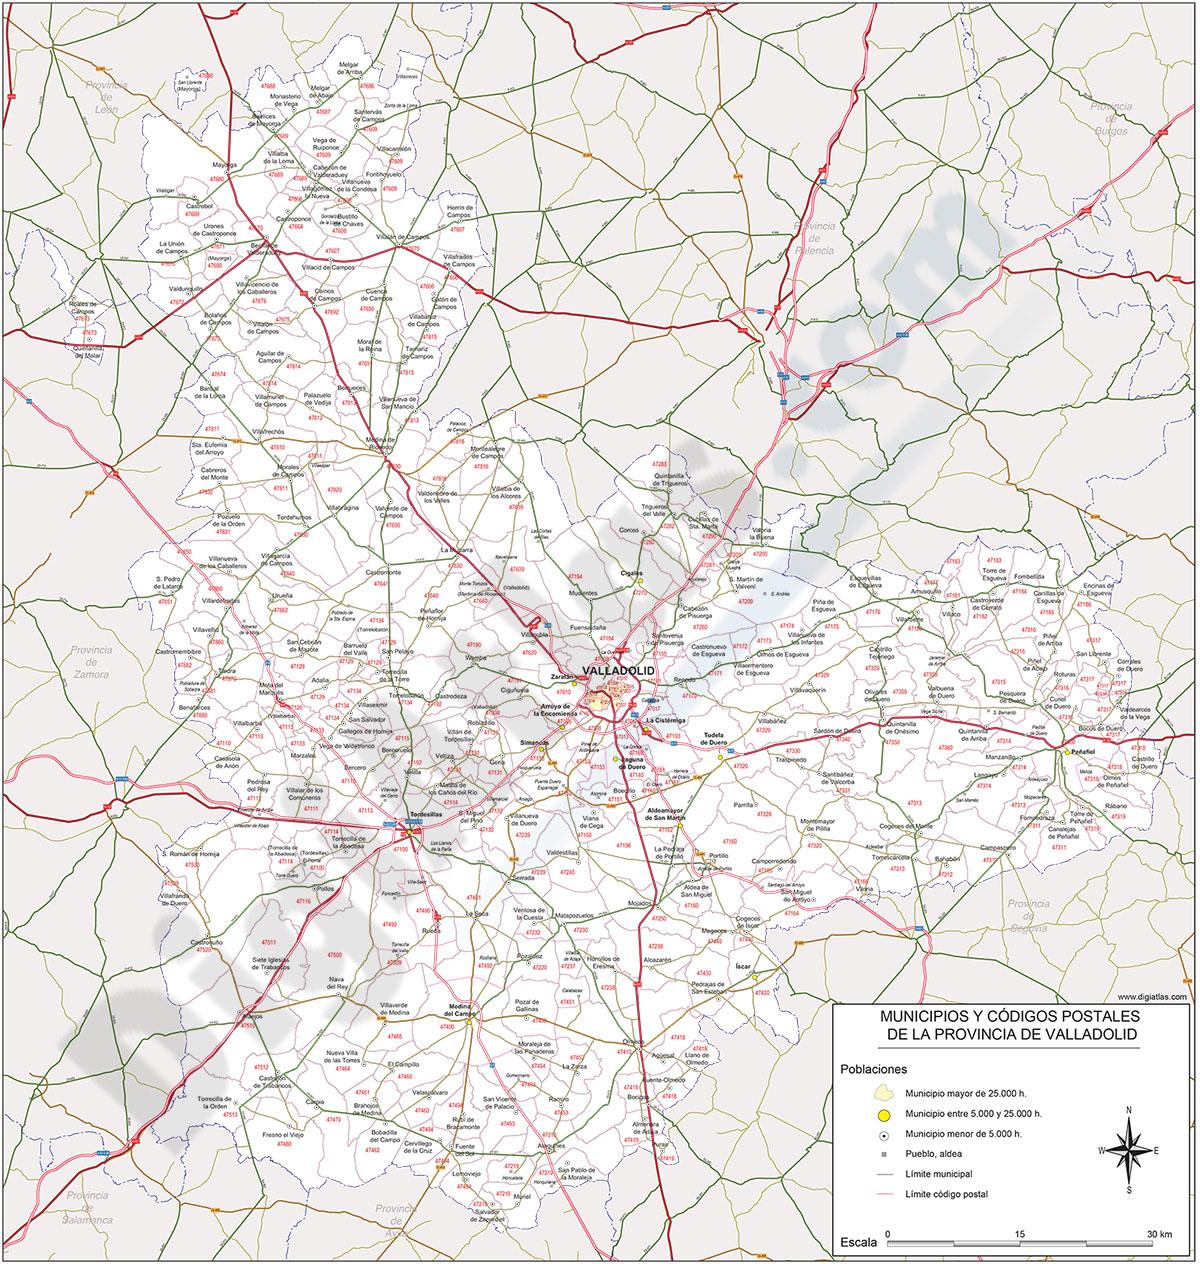 Valladolid - mapa provincial con municipios y Códigos Postales